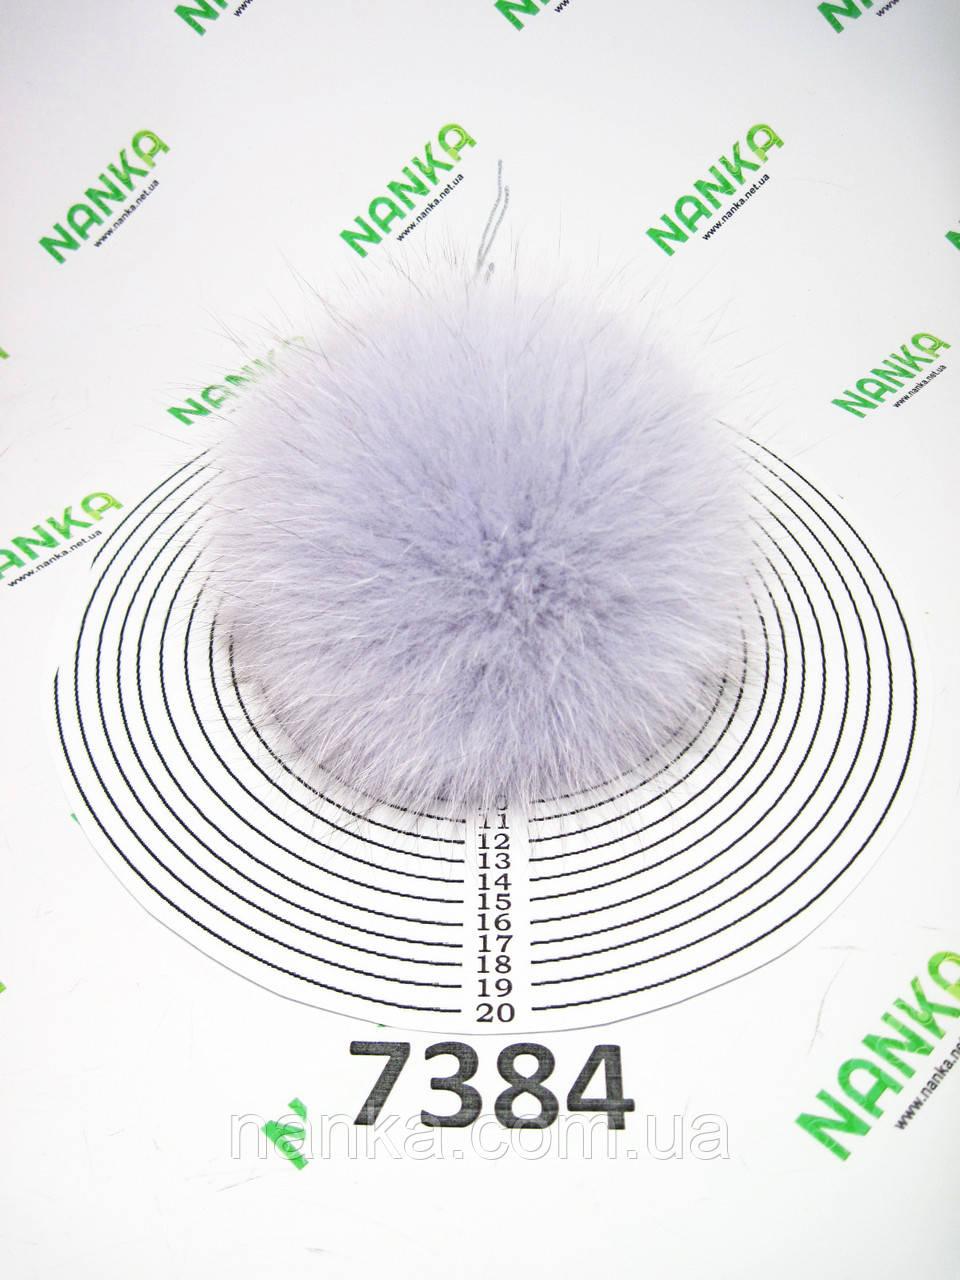 Меховой помпон Песец, Серо-голубой, 11 см, 7384